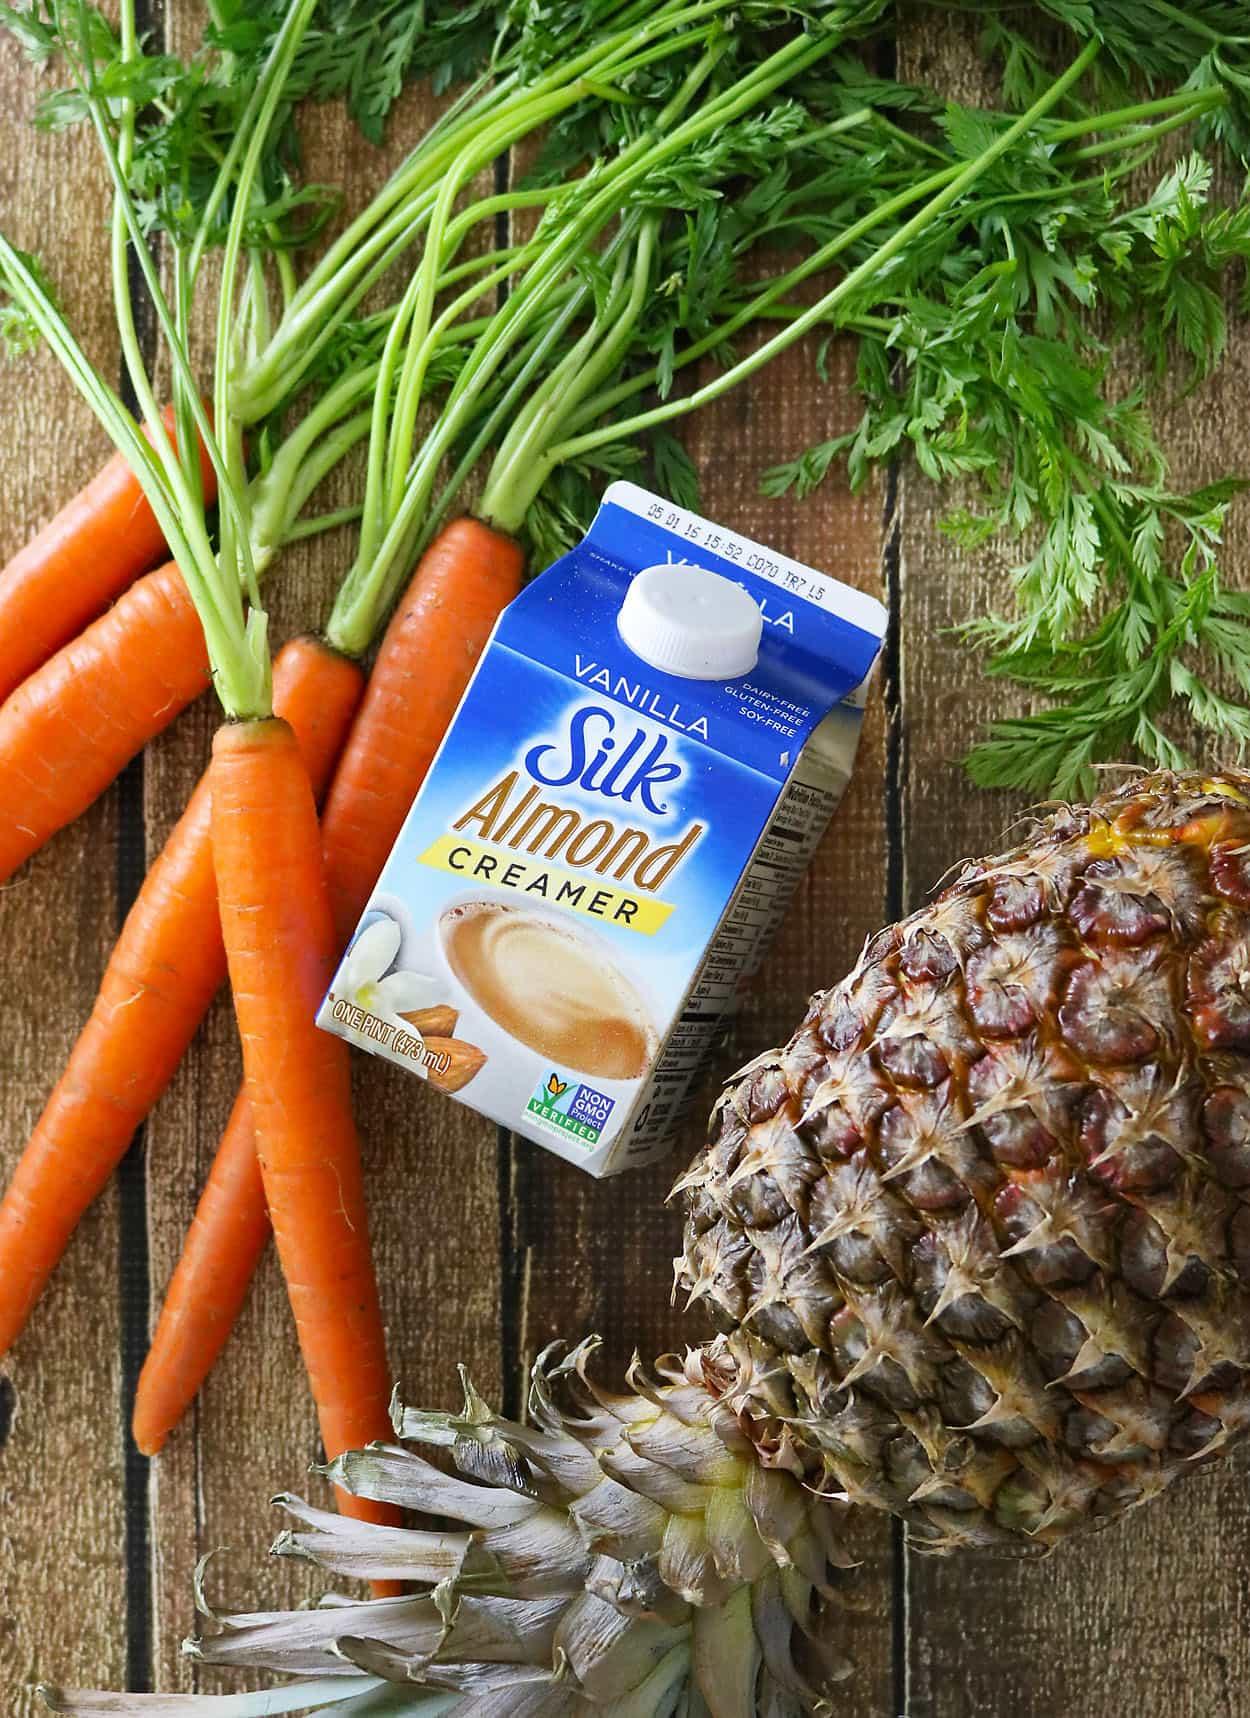 Carrots-Silk-Creamer-Pineapple-ggnoads